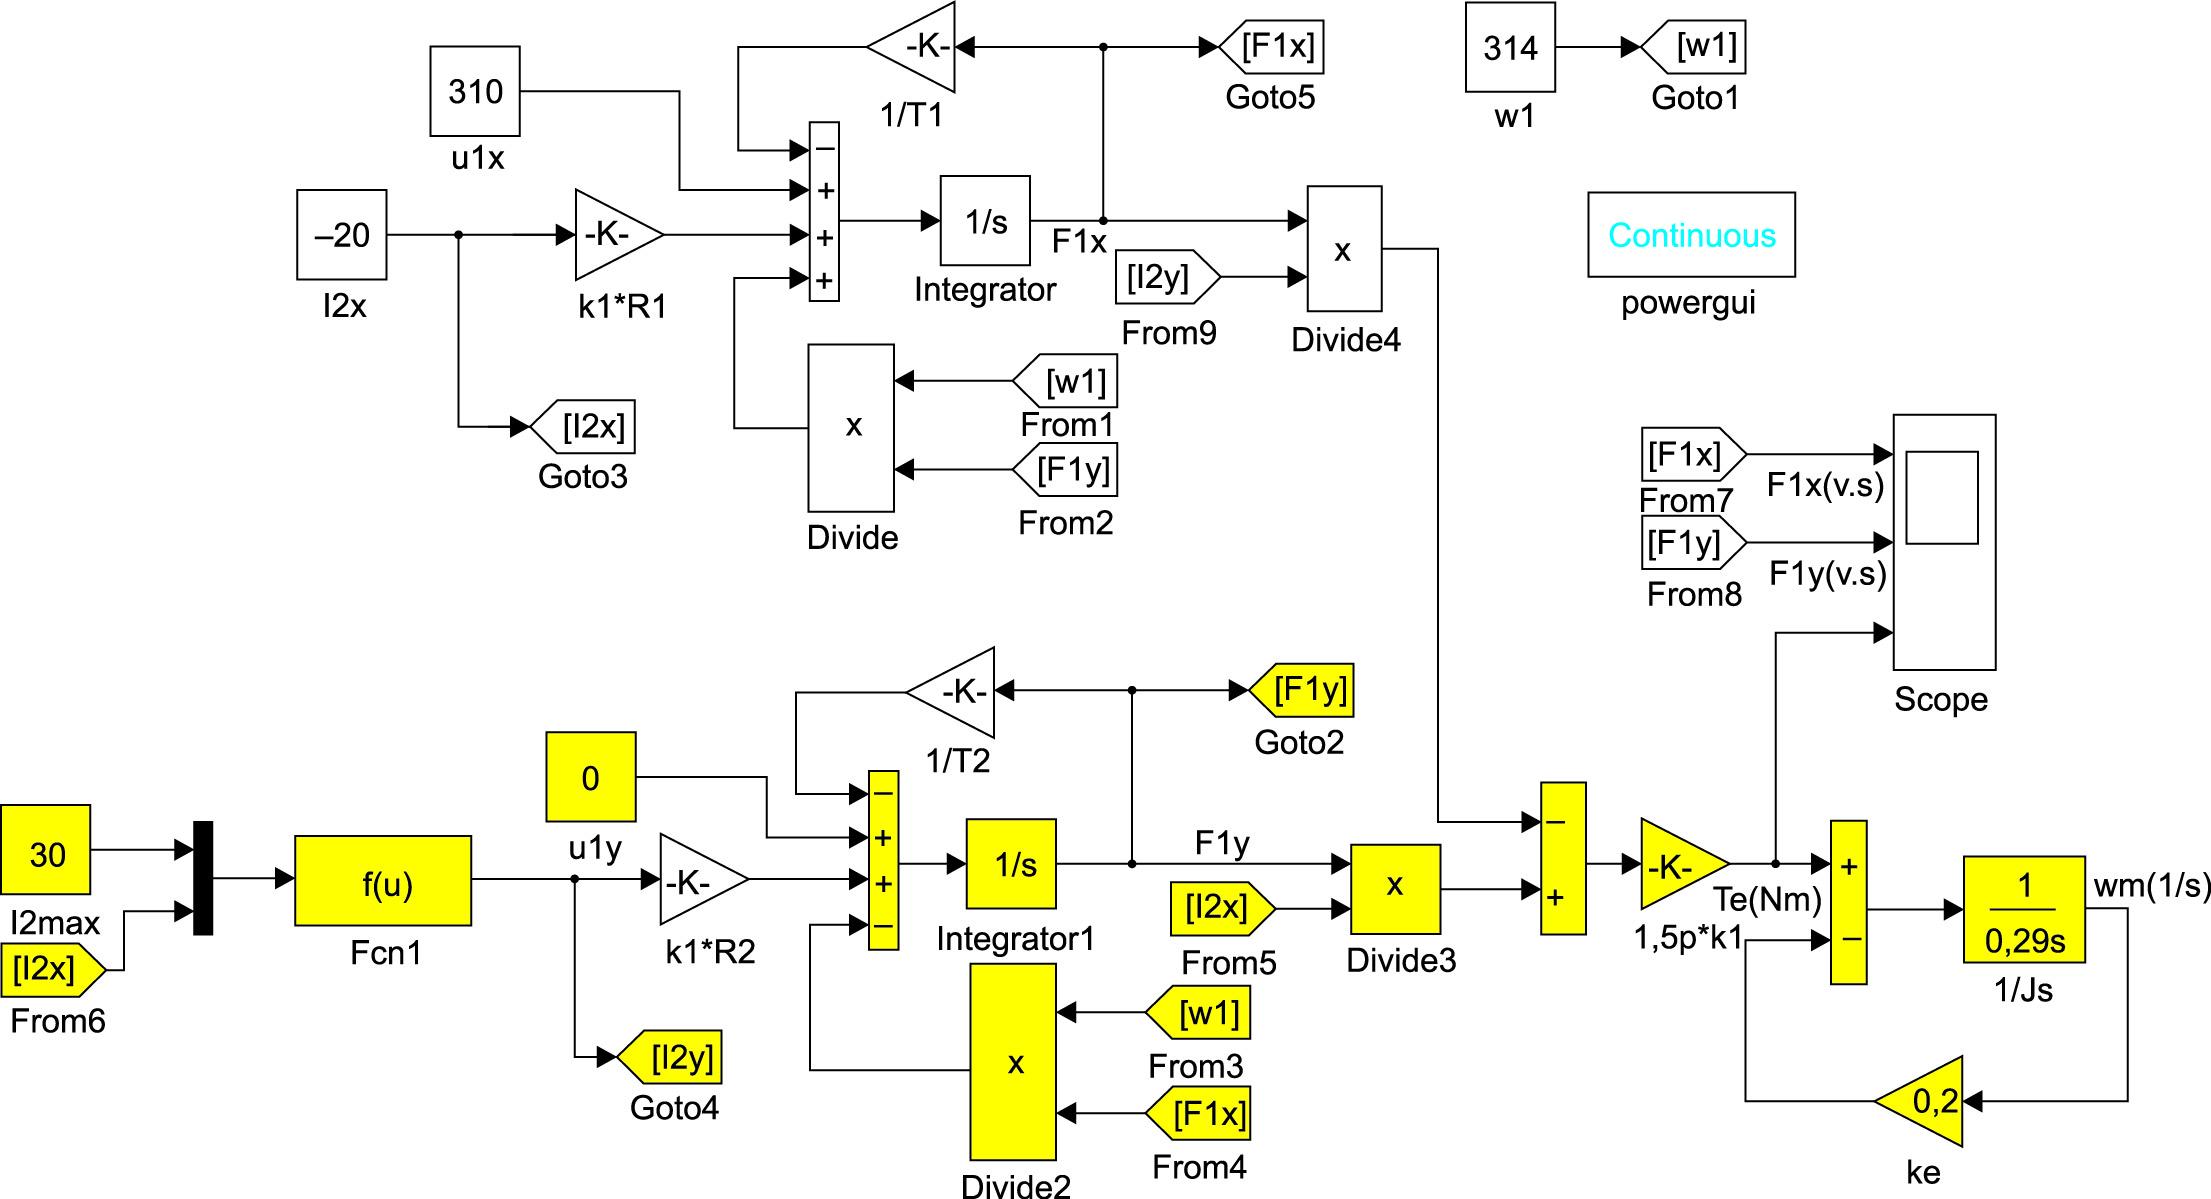 Модель мехатронной системы с МДП, управляемой током ротора, в системе координат, ориентированной по вектору напряжения питающей сети